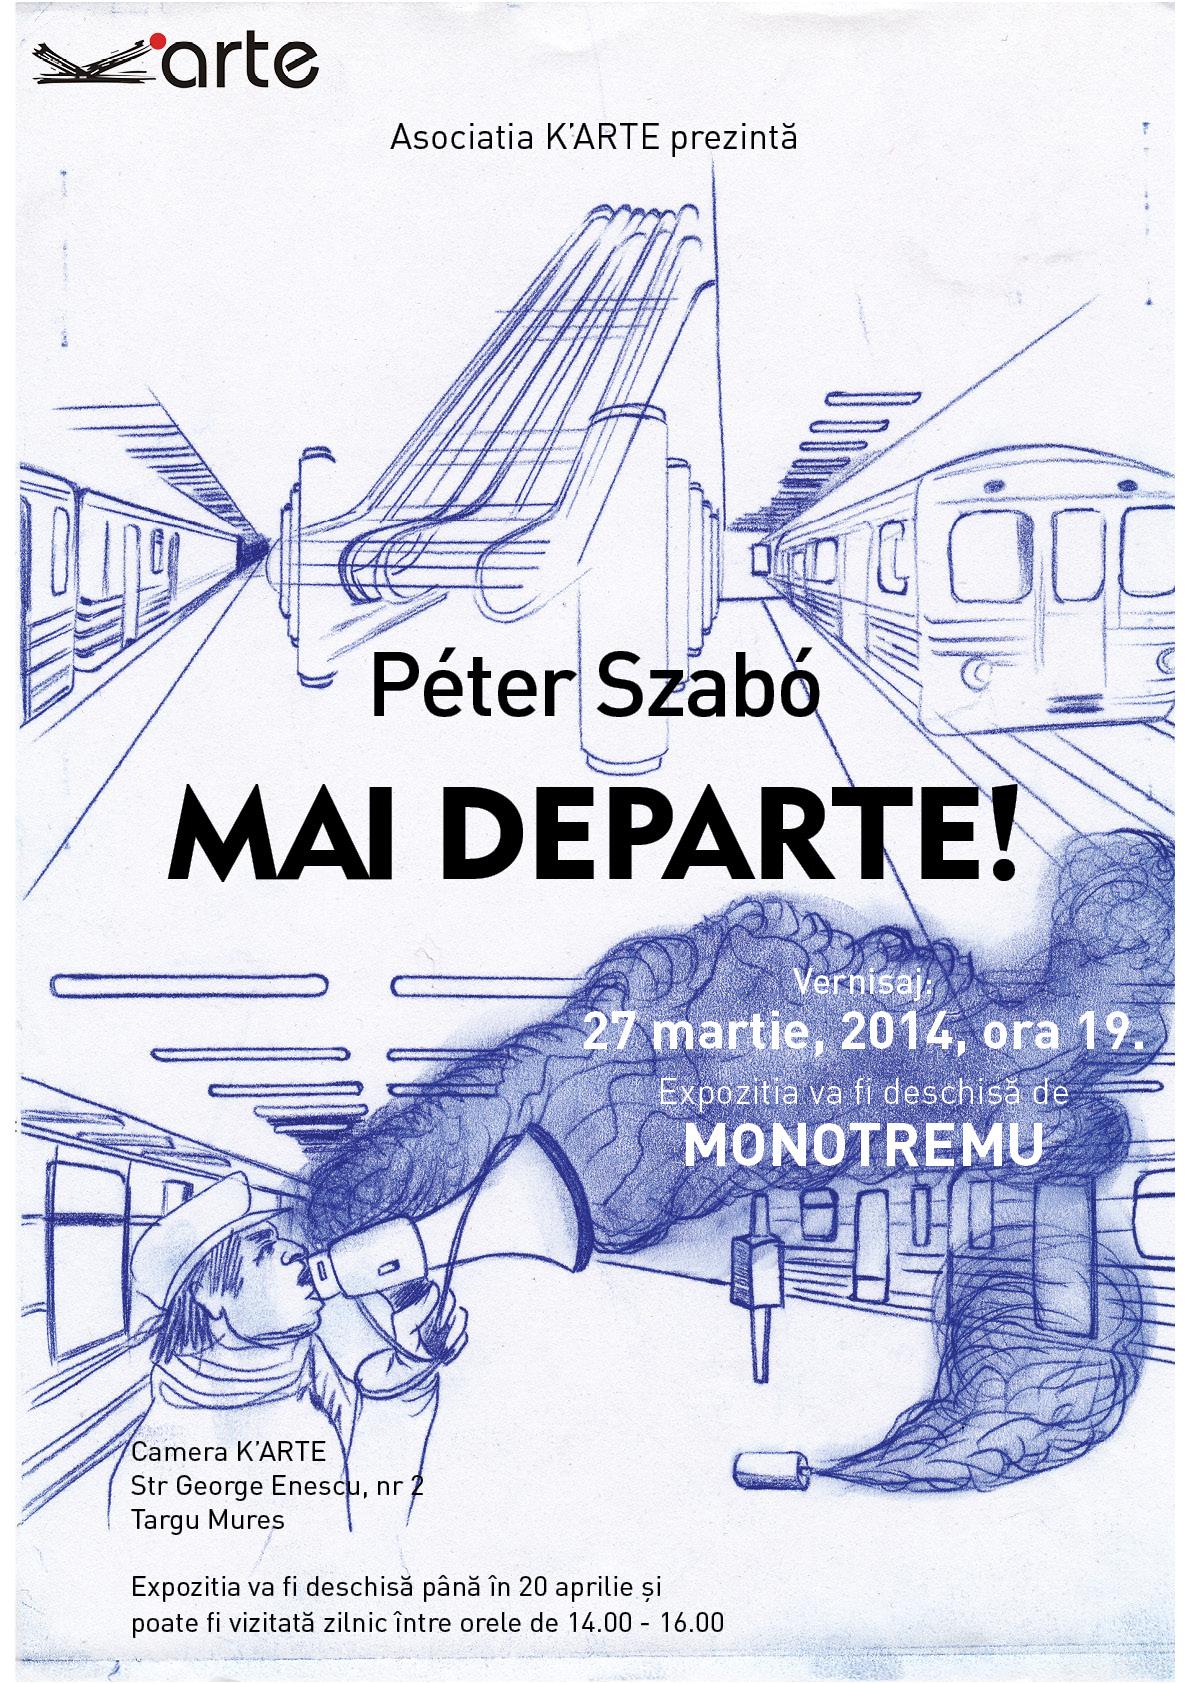 """Expoziție Péter Szabó """"MAI DEPARTE!"""" @ Camera K'ARTE, Tîrgu Mureș"""